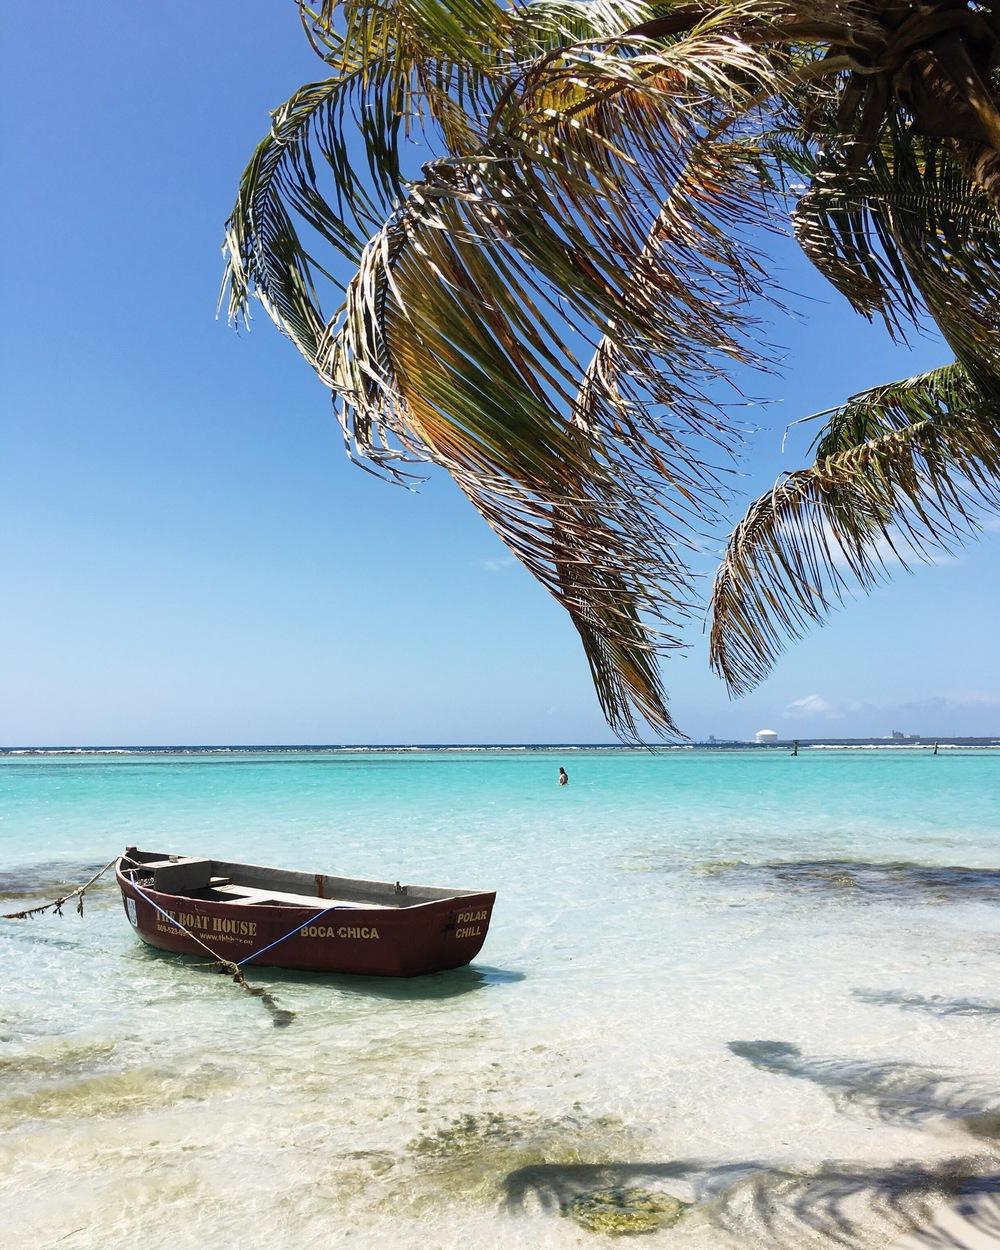 Boca Chica Dominican Republic